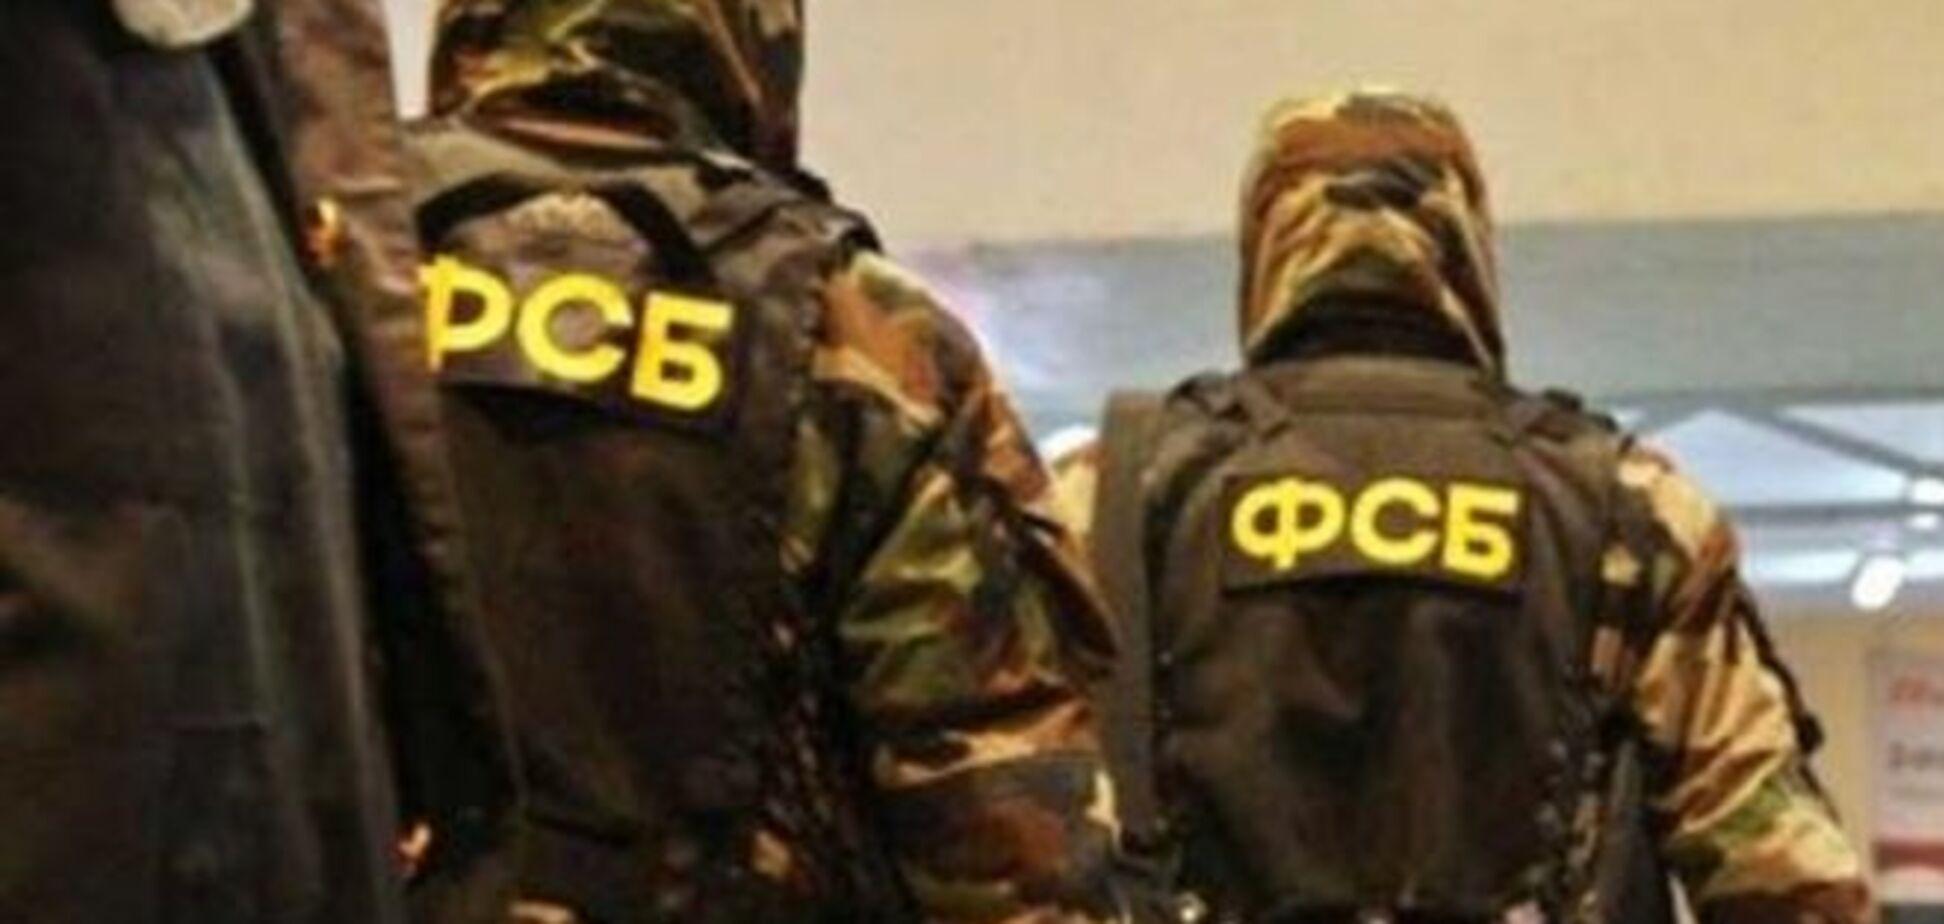 ФСБ принялось формировать отряды 'Пограничников Новороссии'